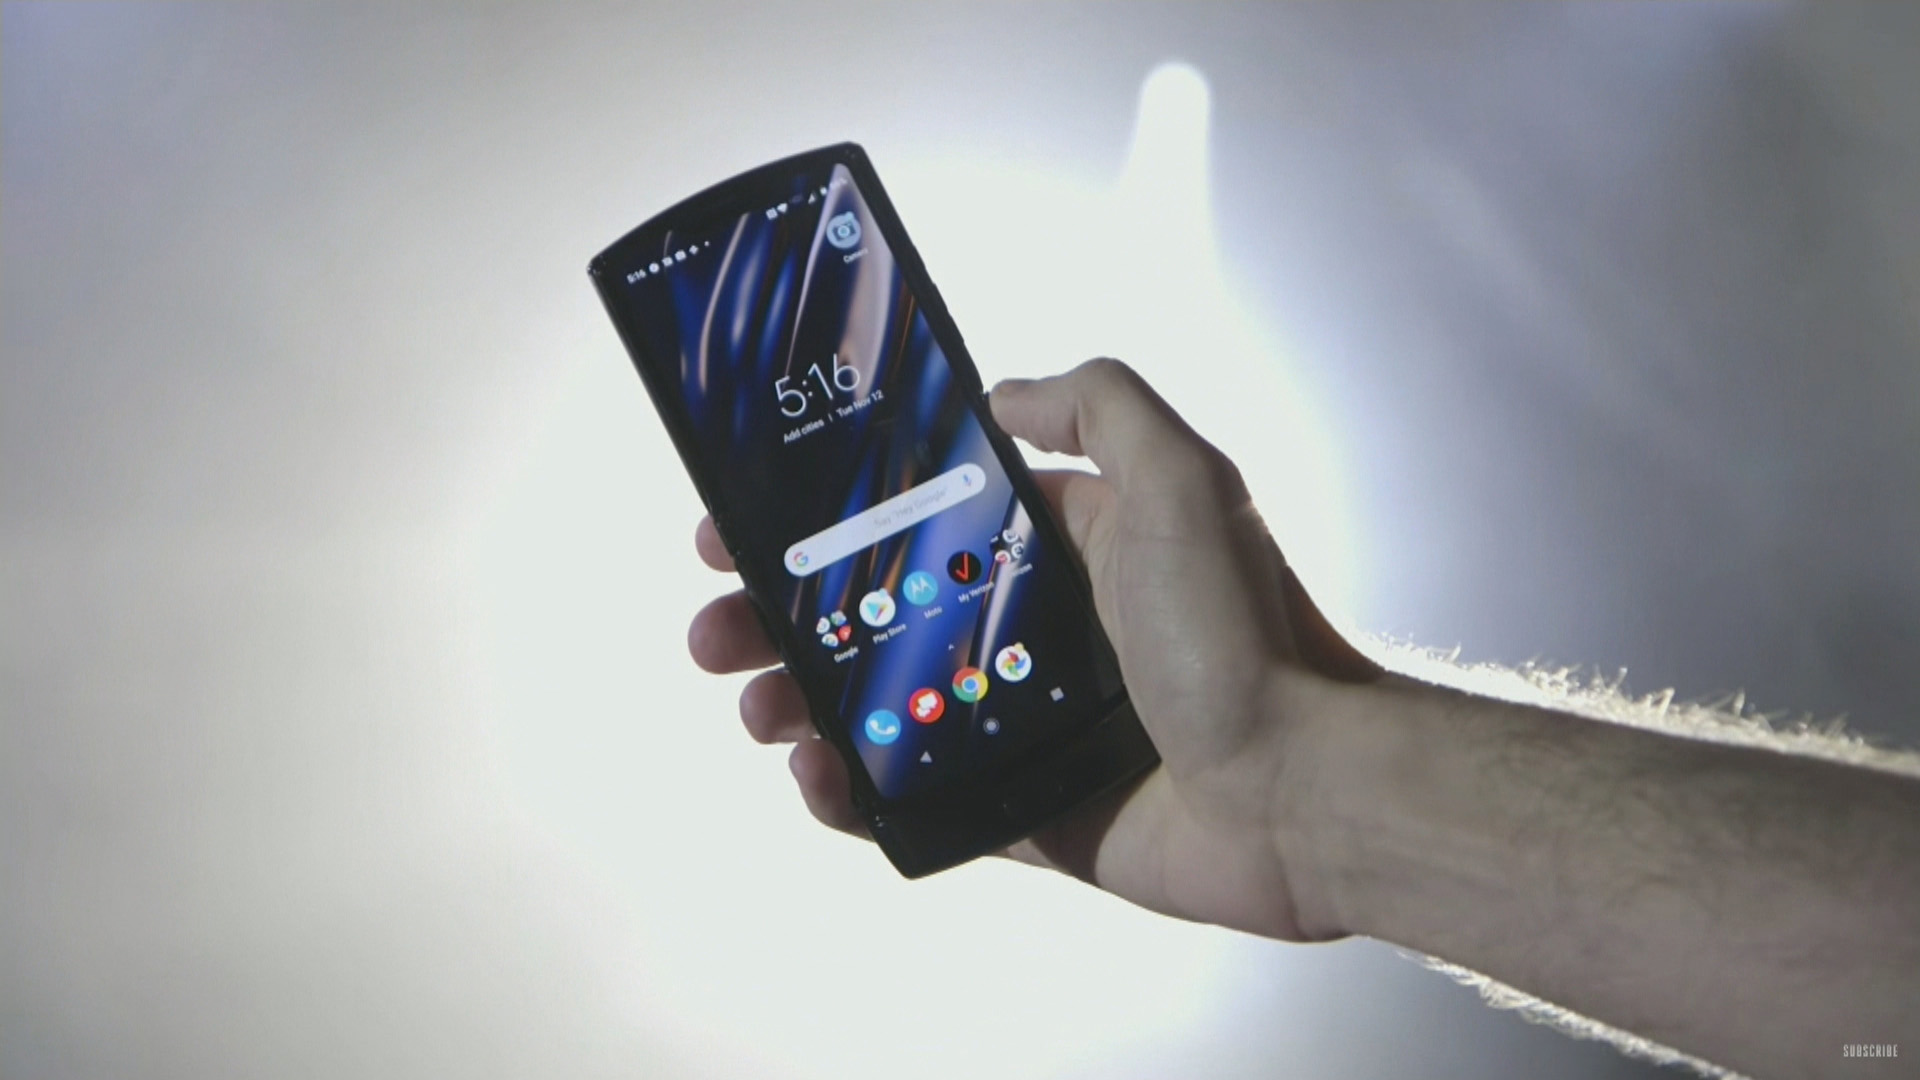 В этом месяце компания Motorola планирует анонсировать свой долгожданный смартфон-раскладушку с гибким экраном Как выяснилось не только она Дело в том что конкурента